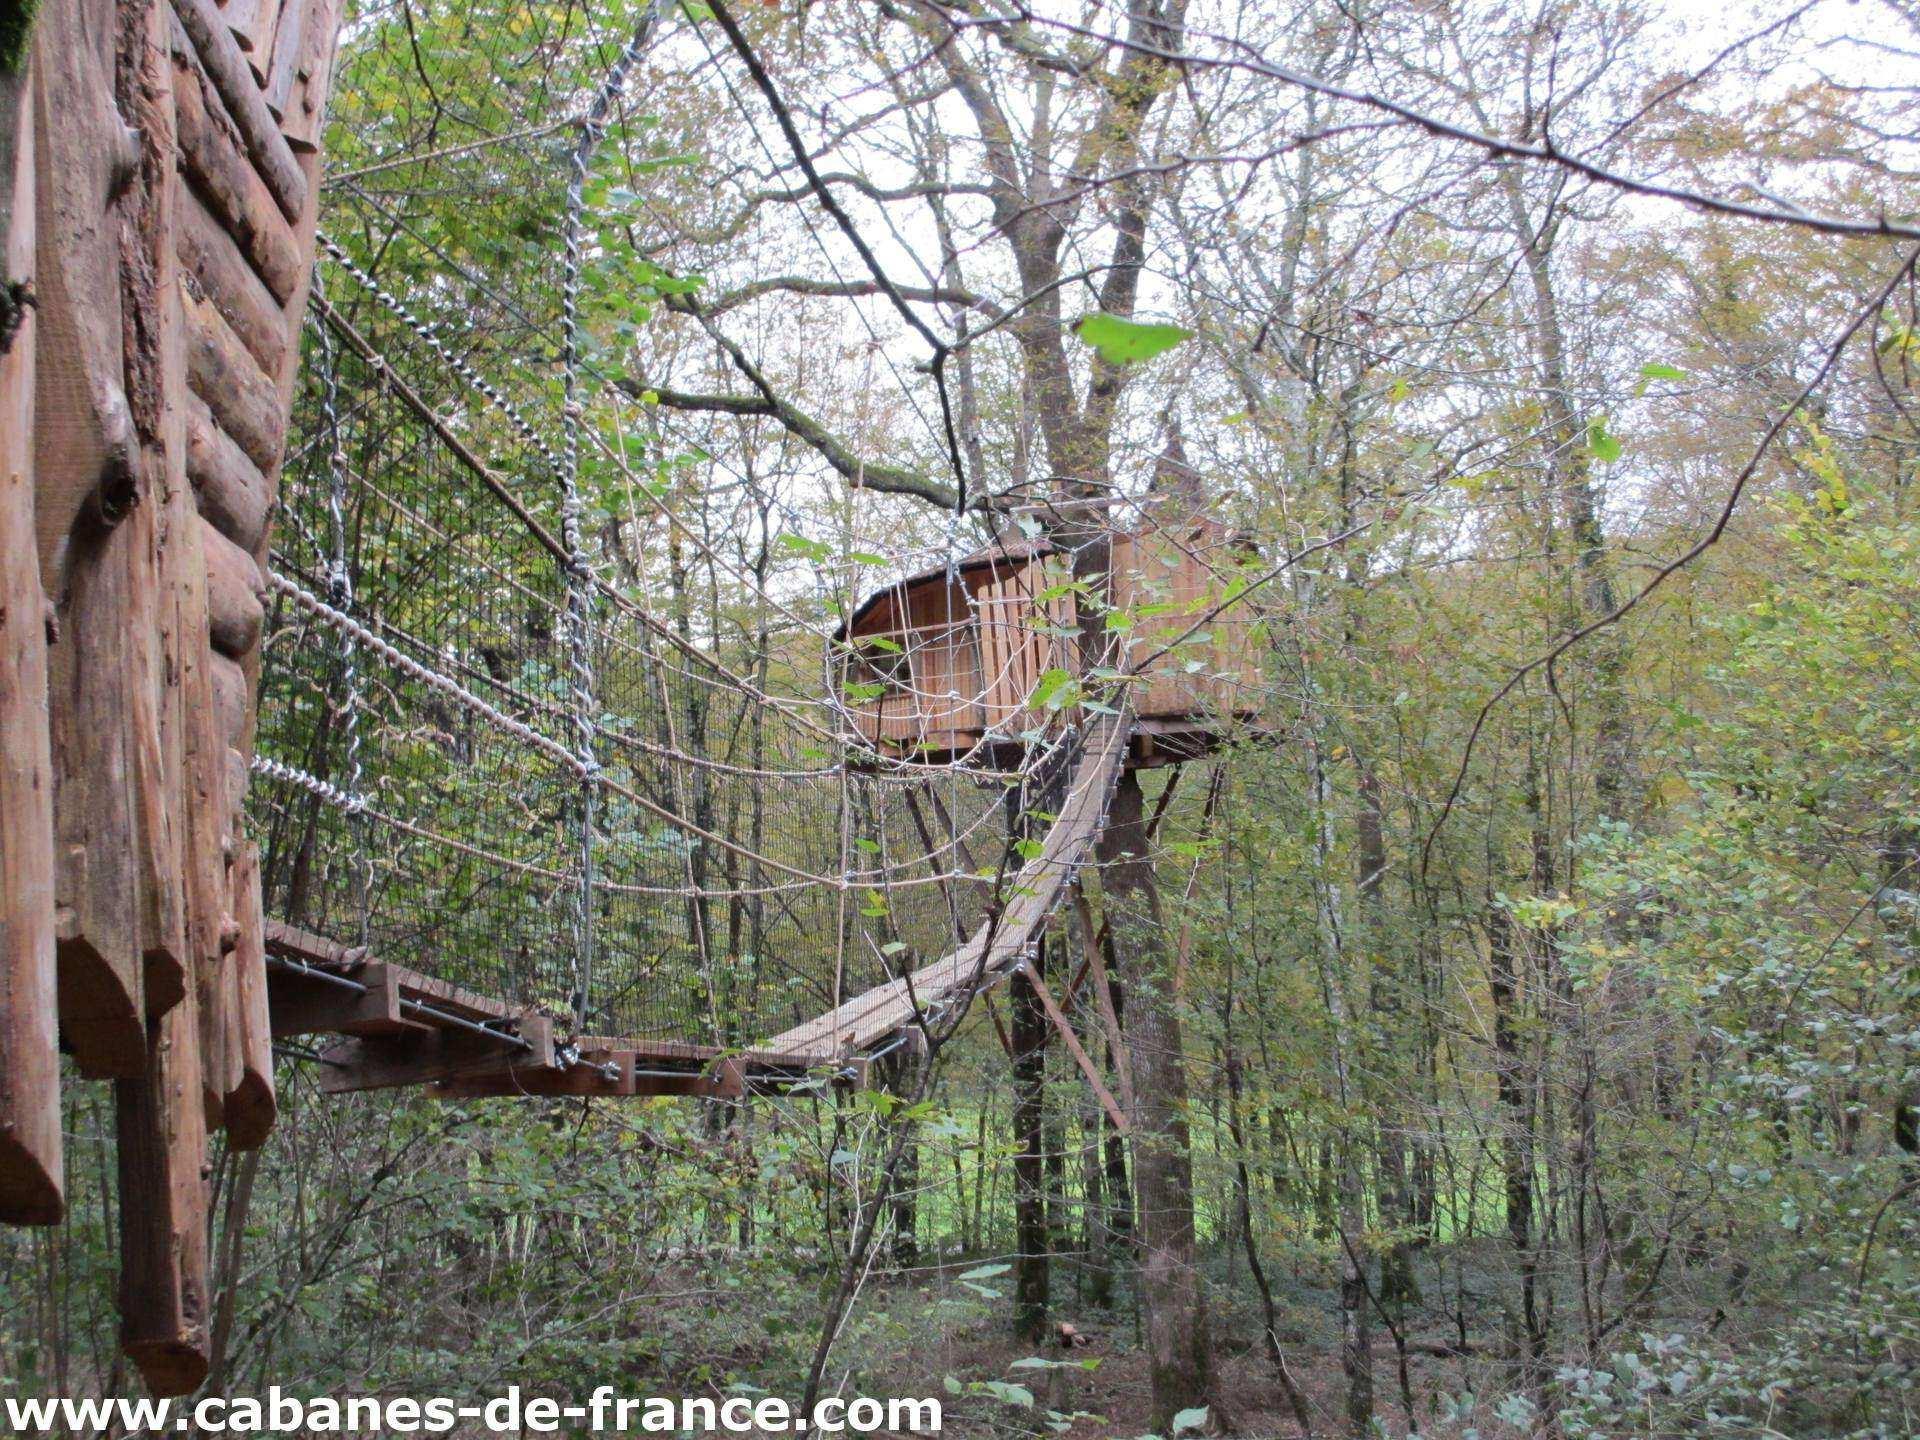 Cabane Du Bois Clair - Tad Goz u2013 Les Cabanes du Bois Clair Cabane dans les arbres en Franche Comté Cabanes de France